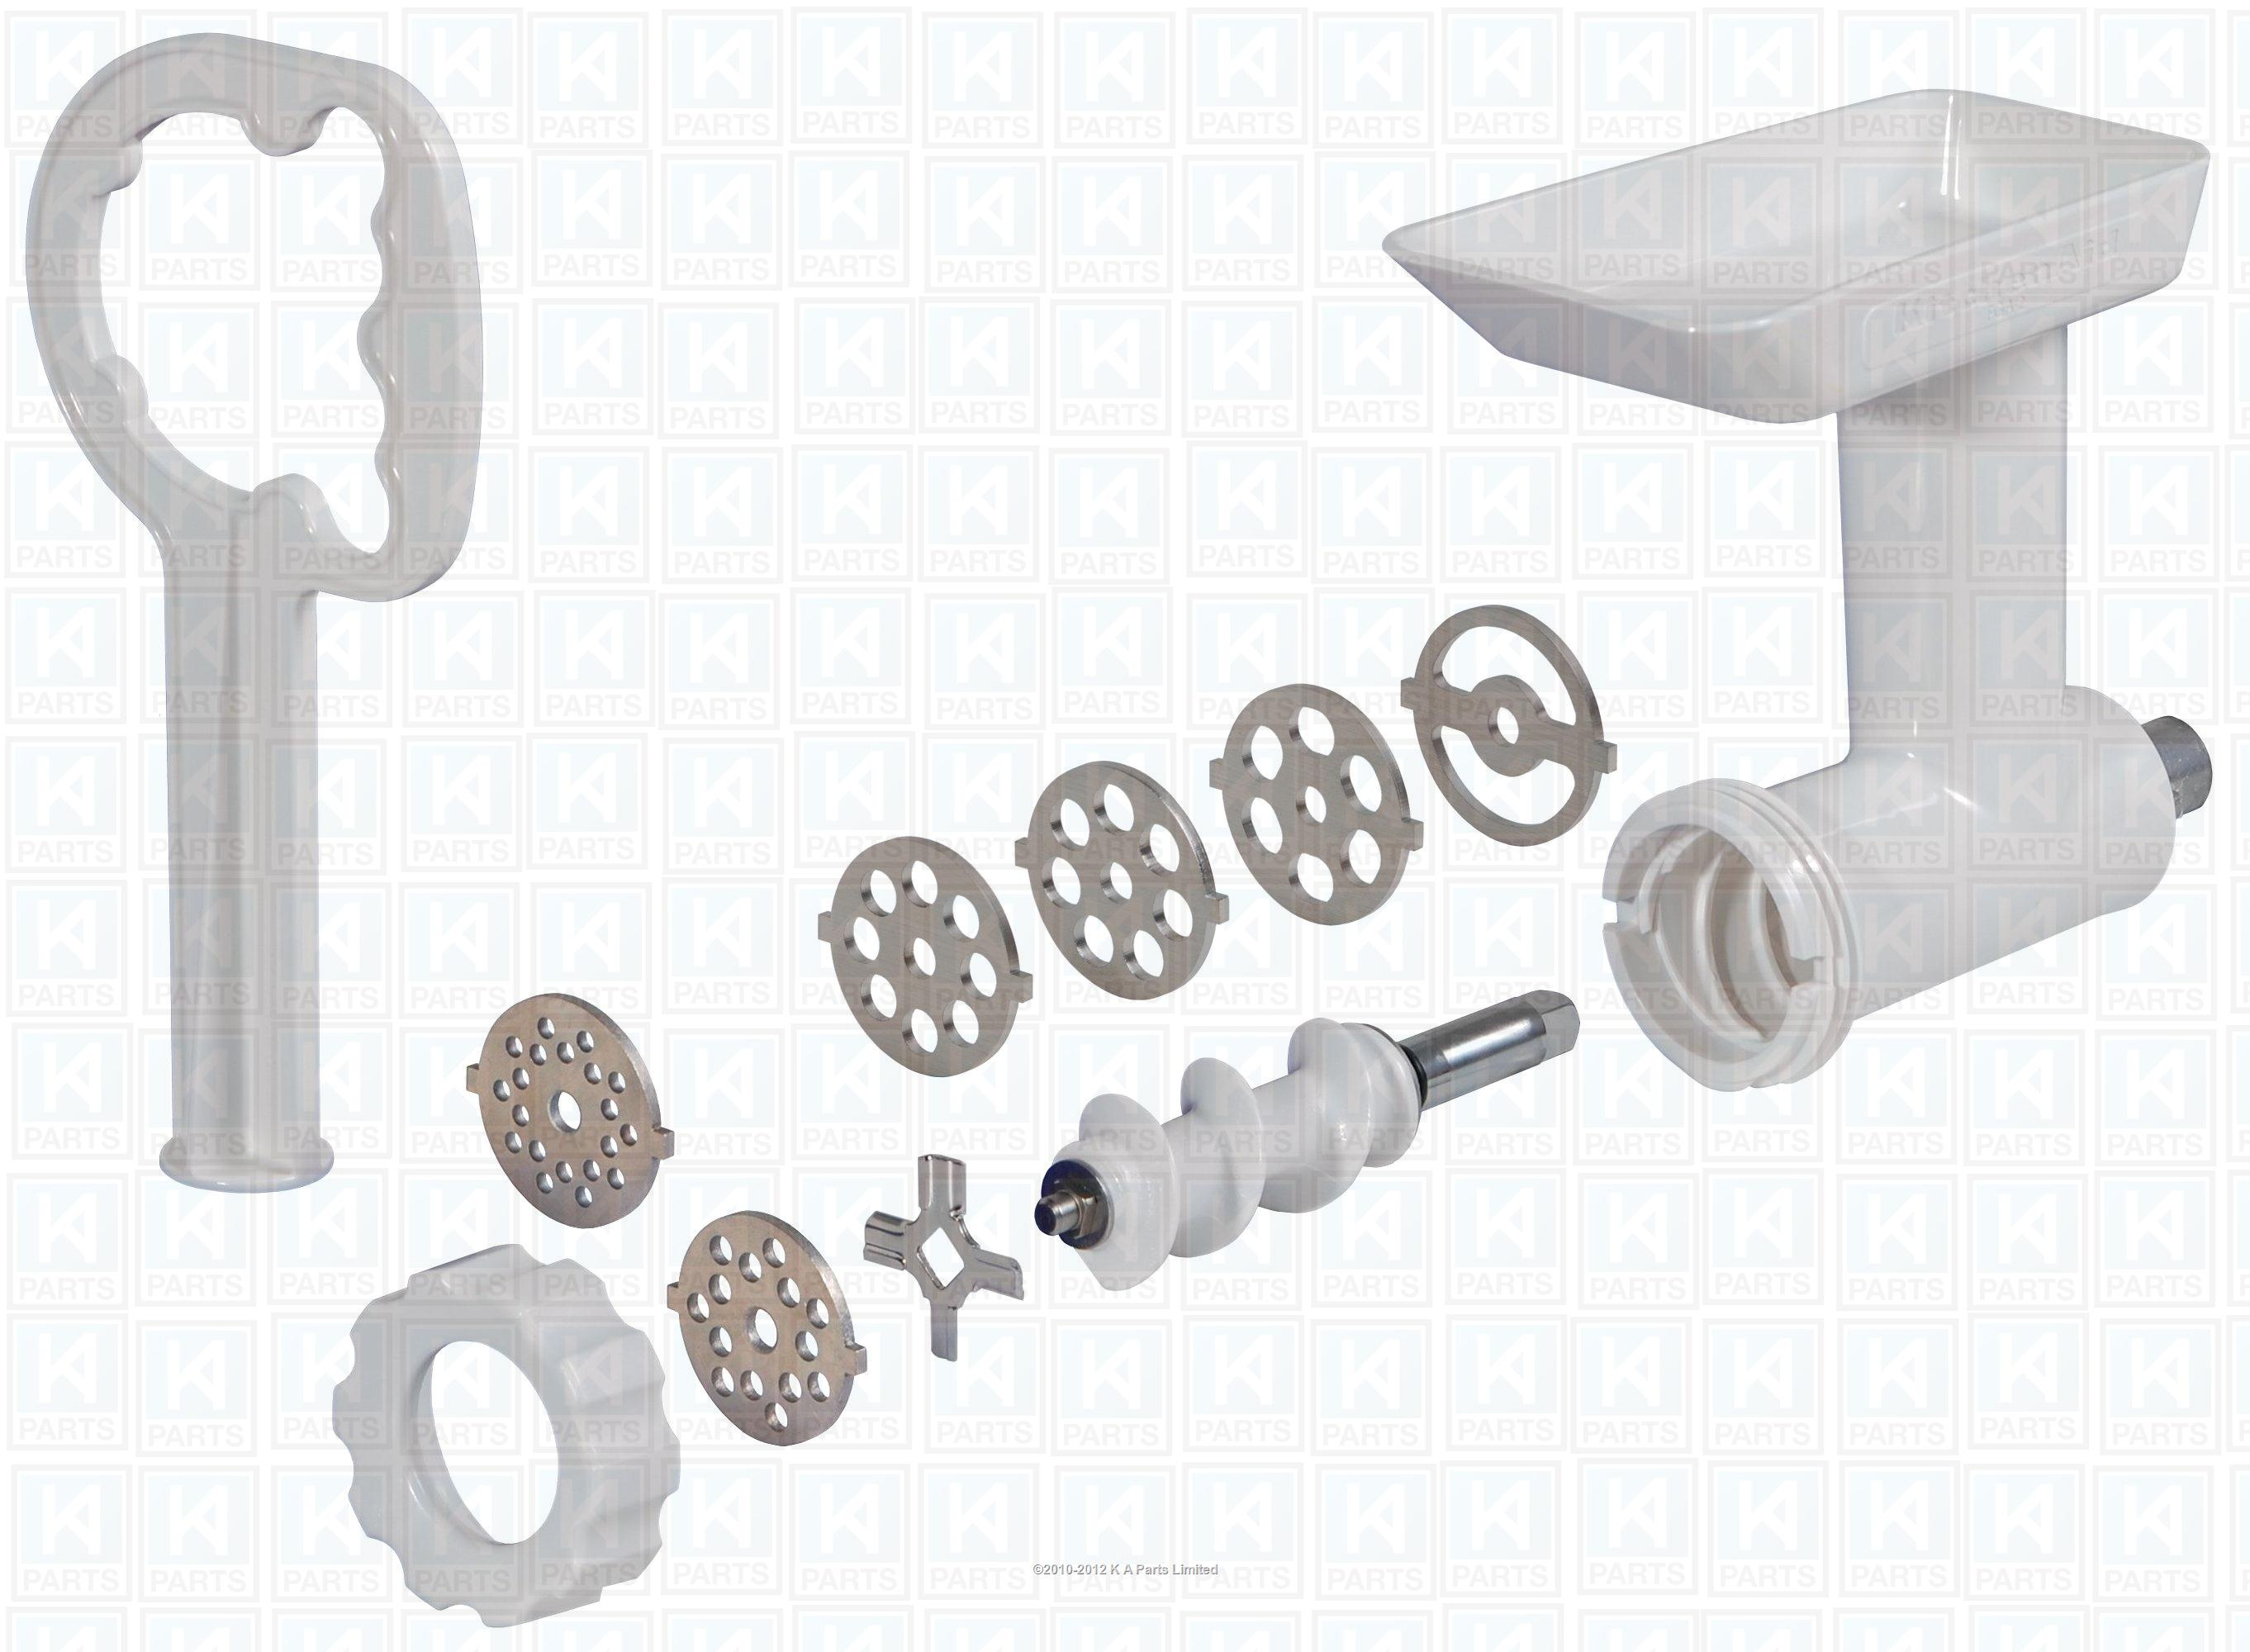 Kitchen aid grinder photo - 3